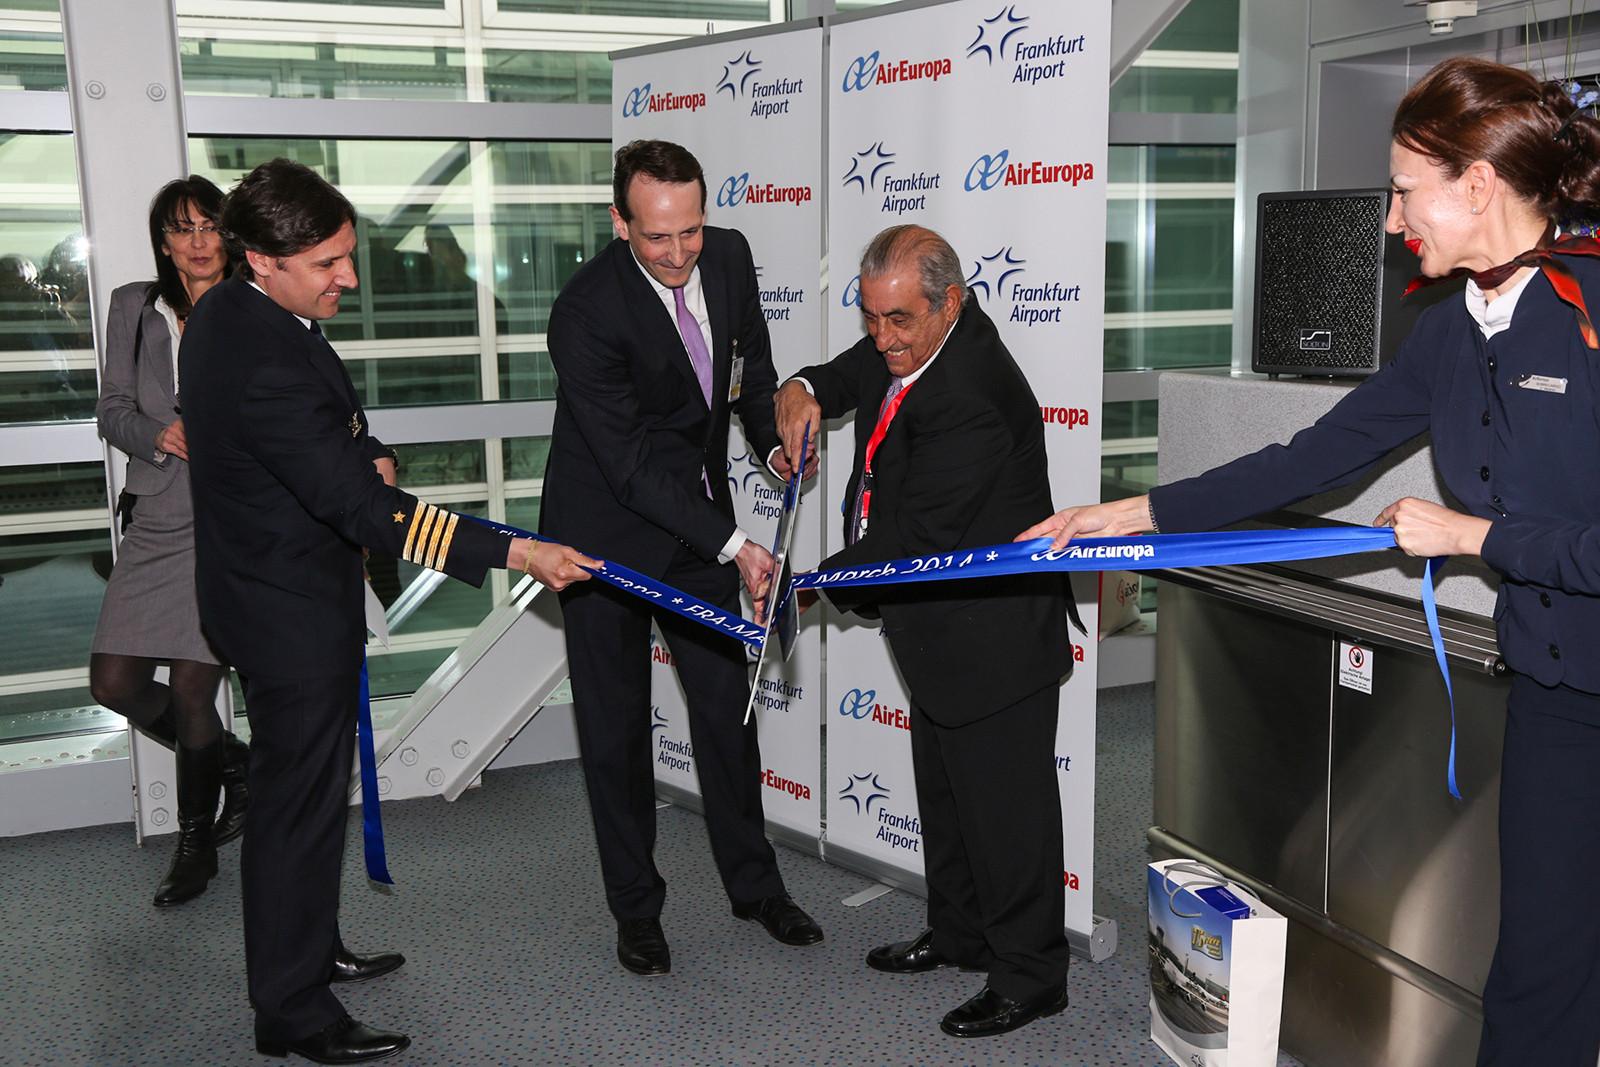 Dr. Prümm von der FRAPORT und Juan Jose Hidalgo, CEO der Air Europa beim Durchschneiden des Bandes.